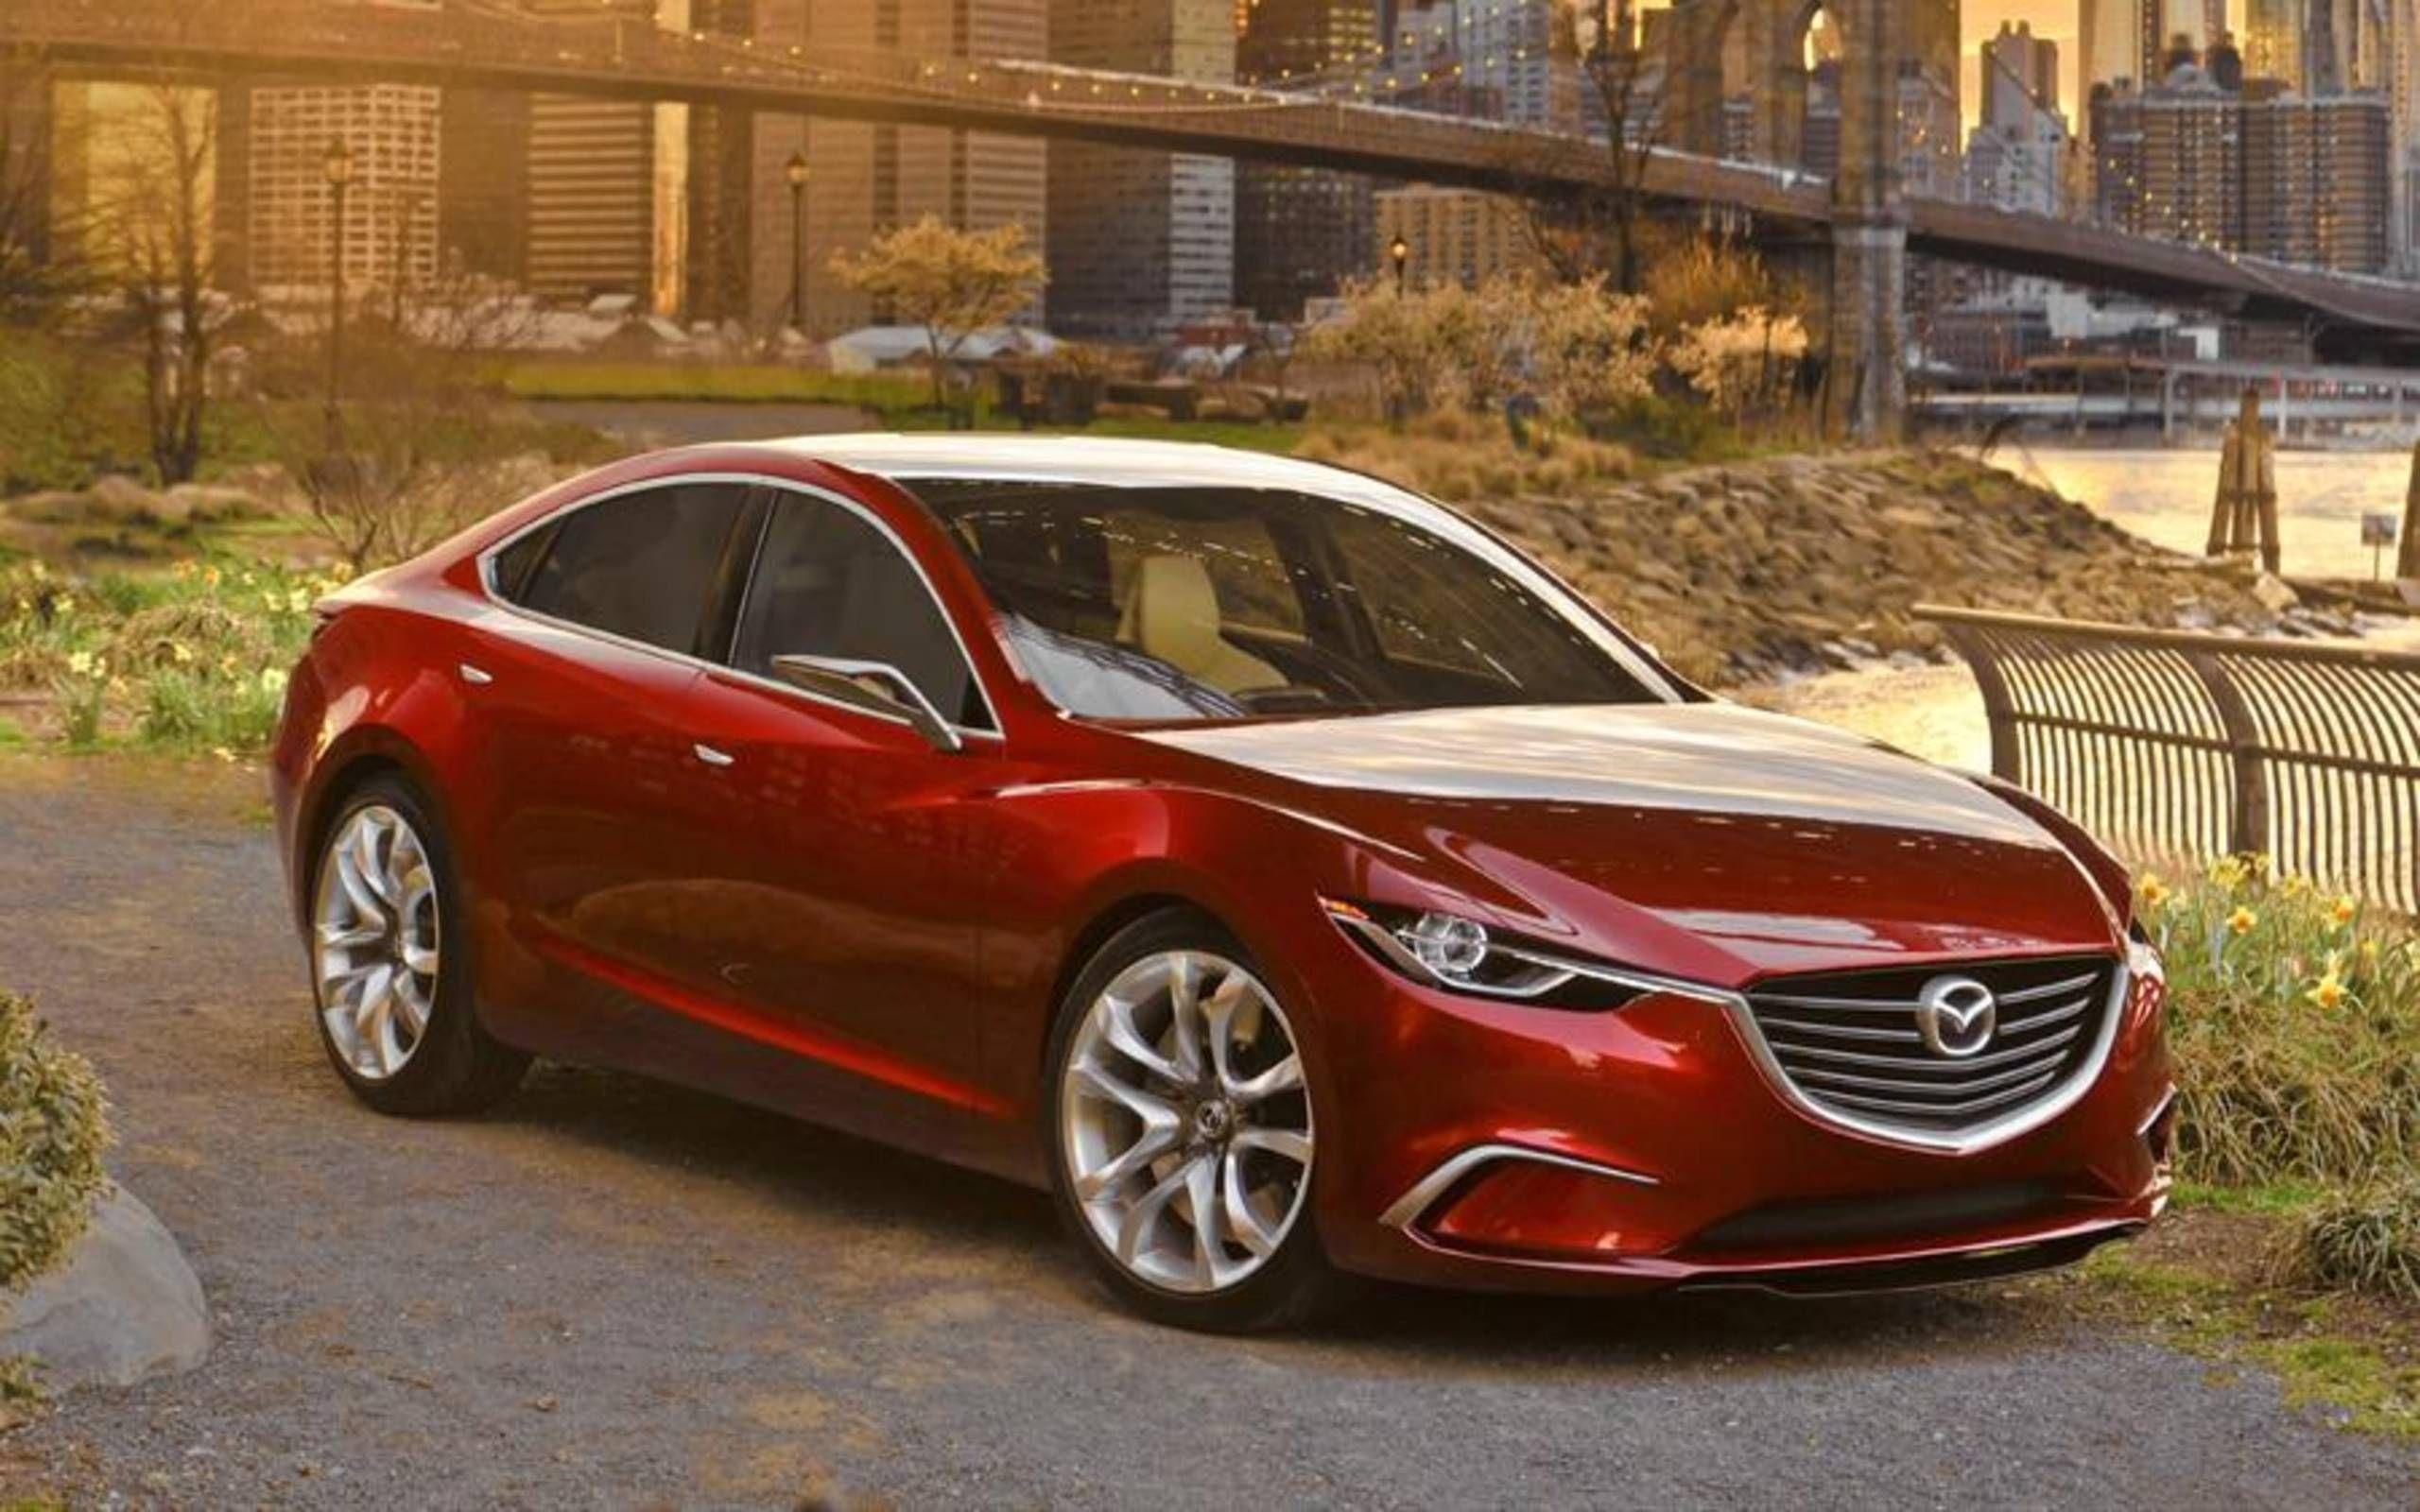 Kelebihan Mazda V6 Harga